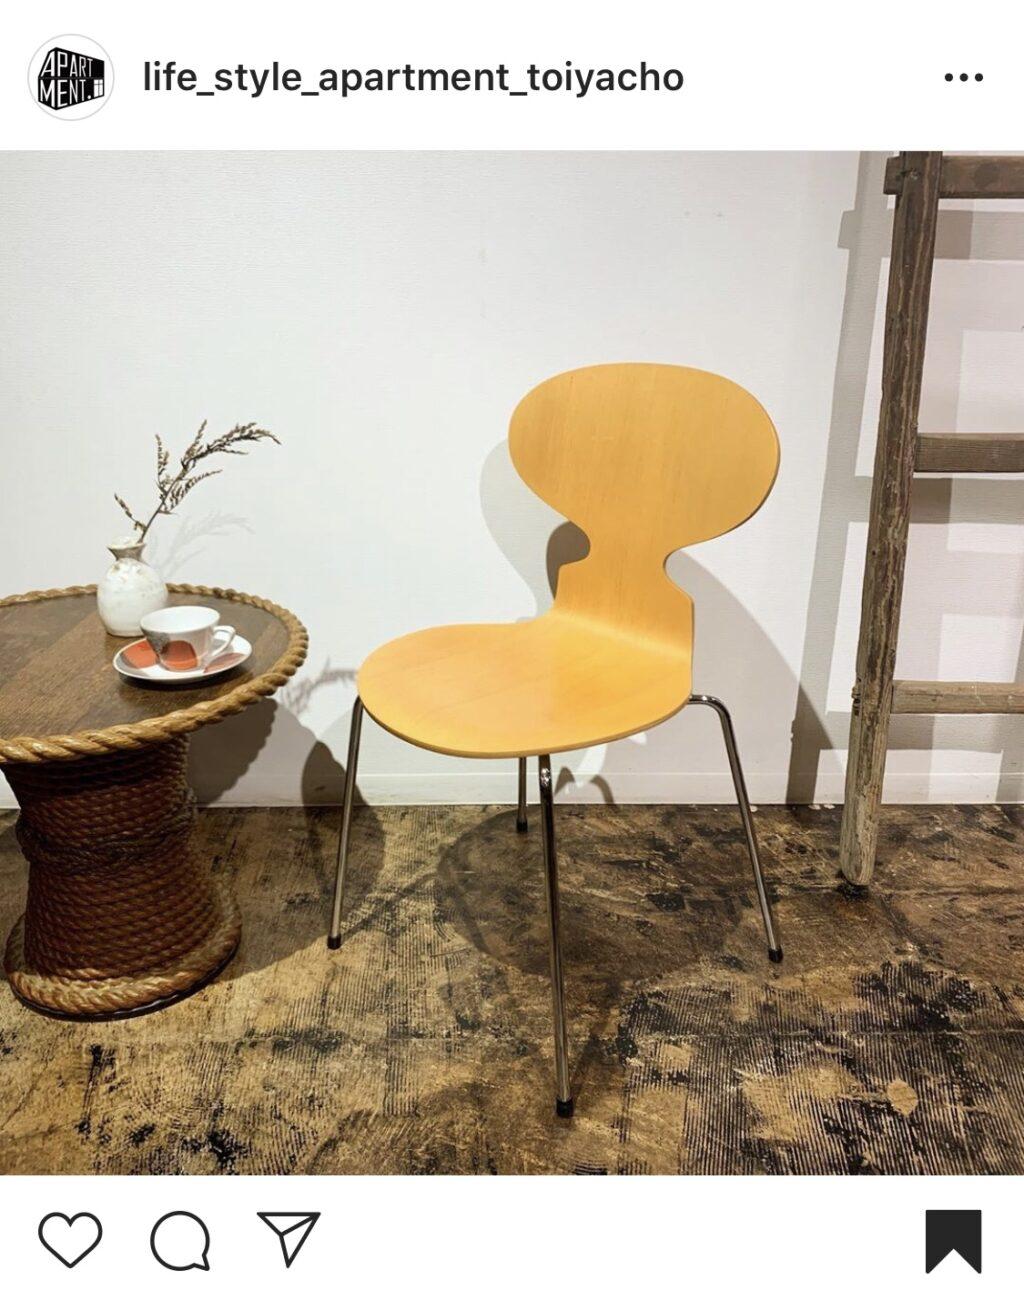 Ant Chair(アントチェア)の買取販売ならリユースショップキミドリまで/LINE査定してますよ